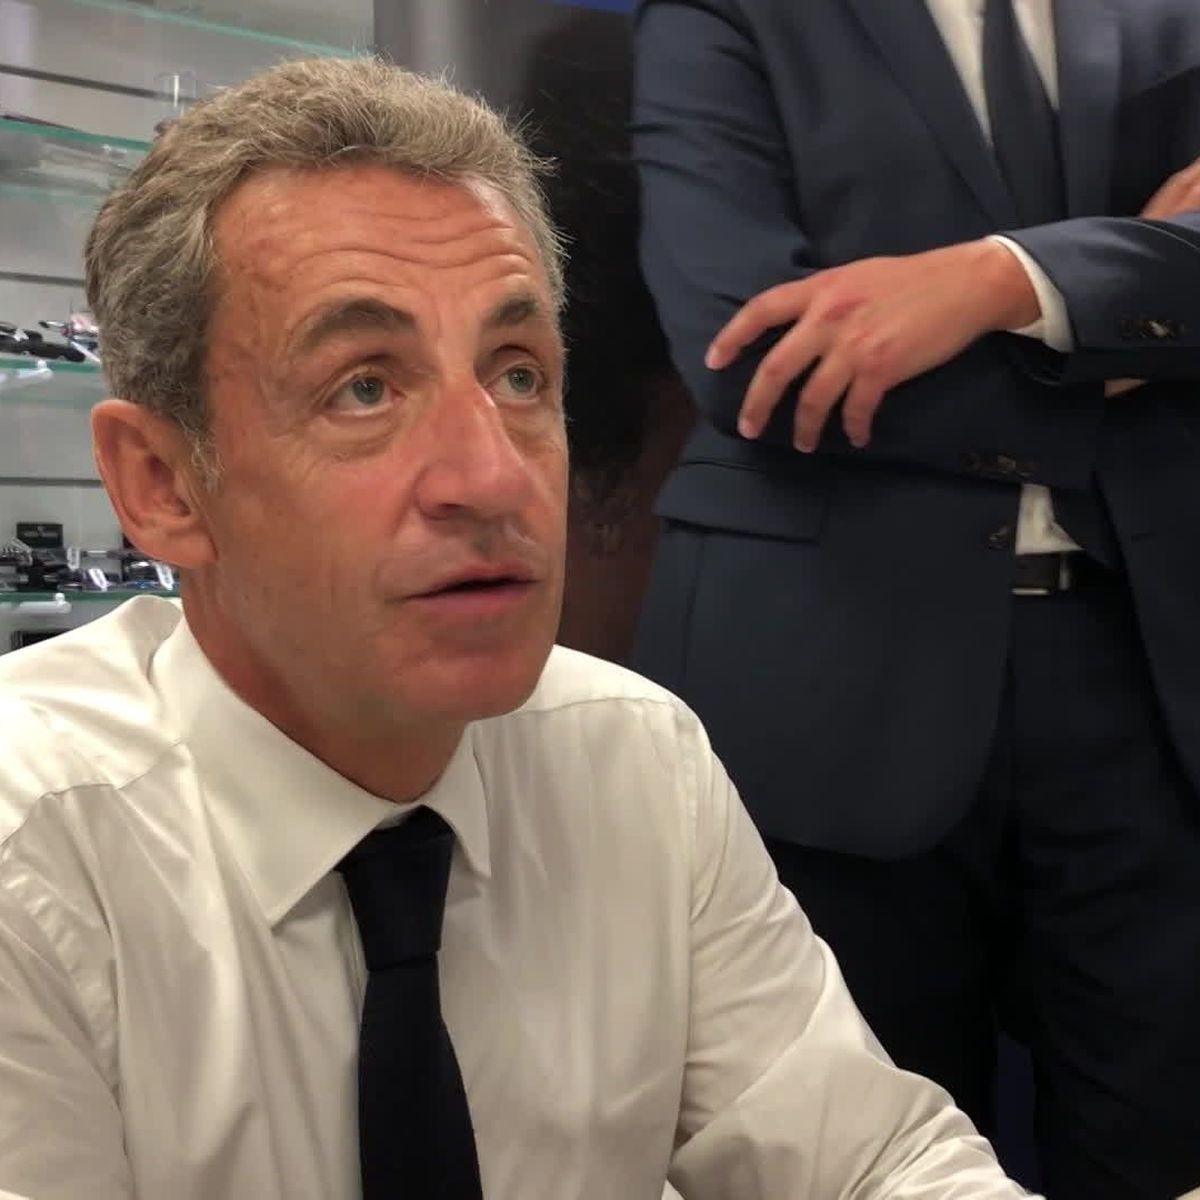 Singes Et Negres En Dedicace A Chalon Nicolas Sarkozy N A Pas L Intention De Commenter Une Polemique Indigne